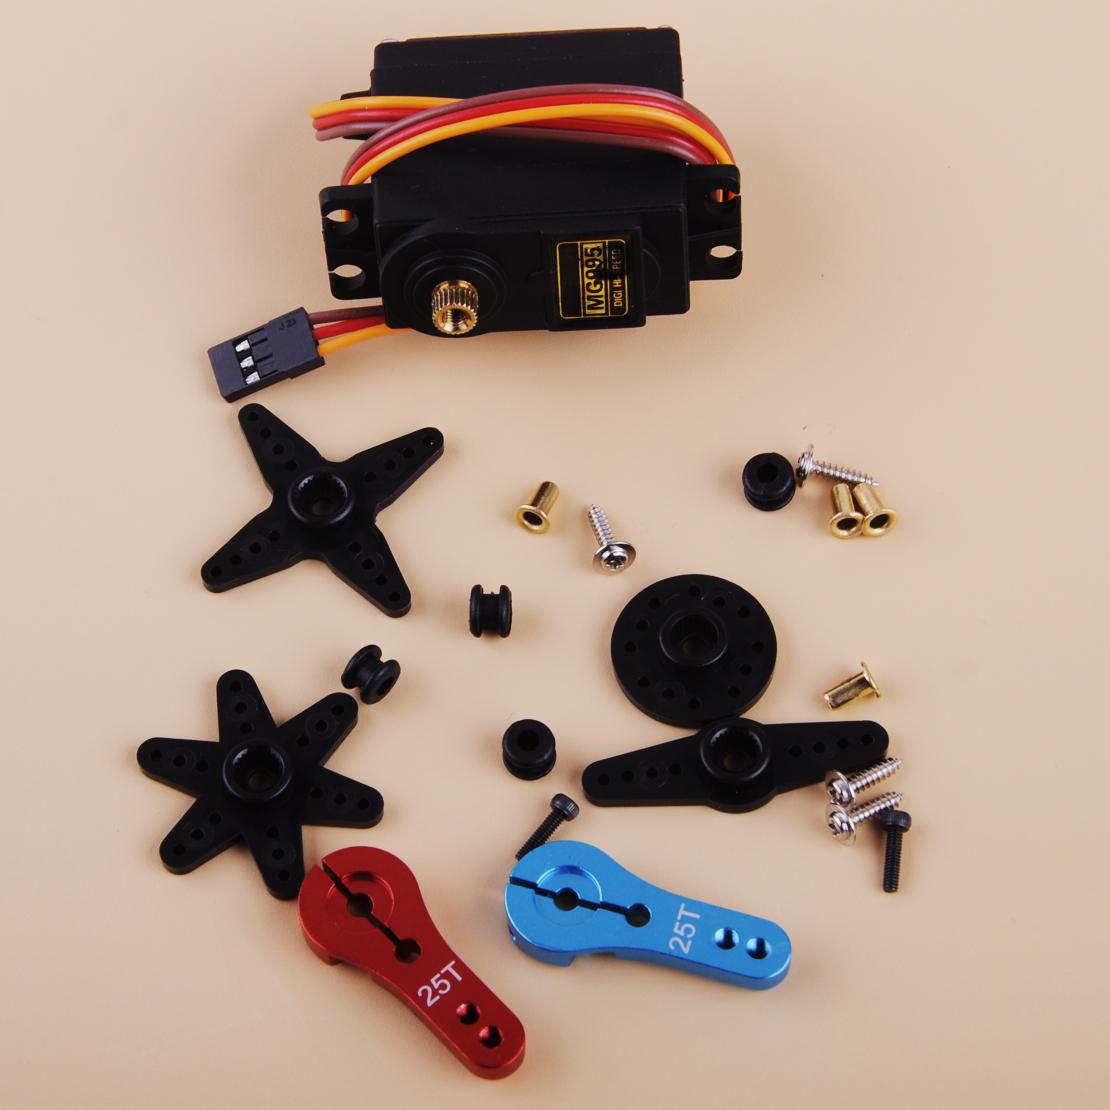 13kg Servomotor Metallgetriebe Motor Servo MG995 Zubehör für 1//10 1//8 RC Auto